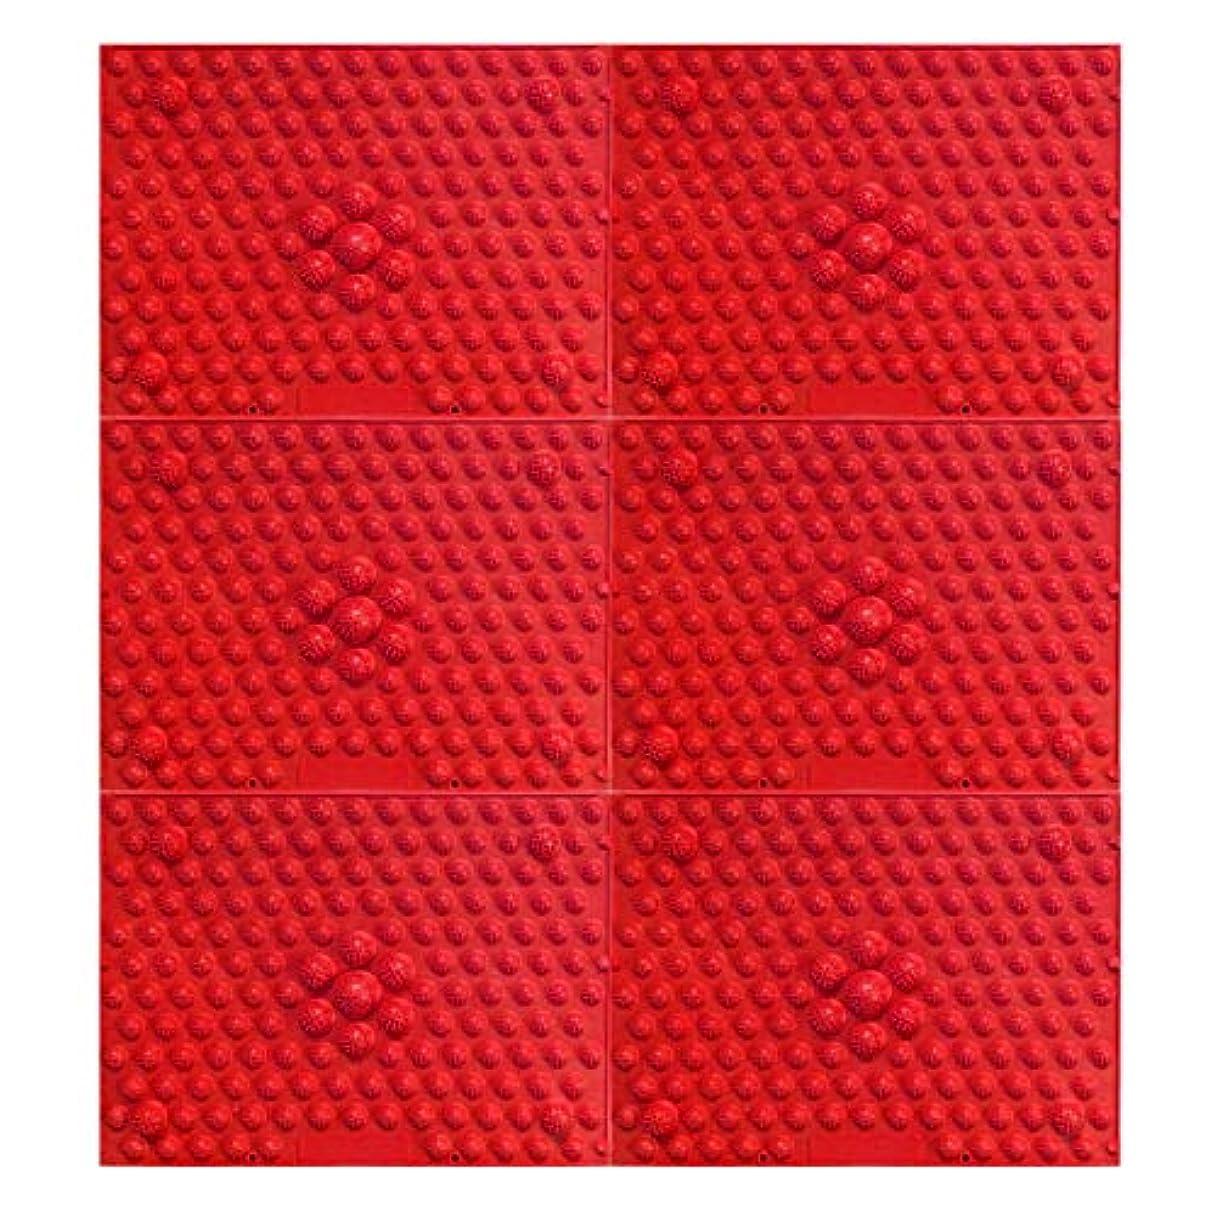 流体仕立て屋数学的な疲れsirazu(足踏みマット)ピンク6枚セット (赤)